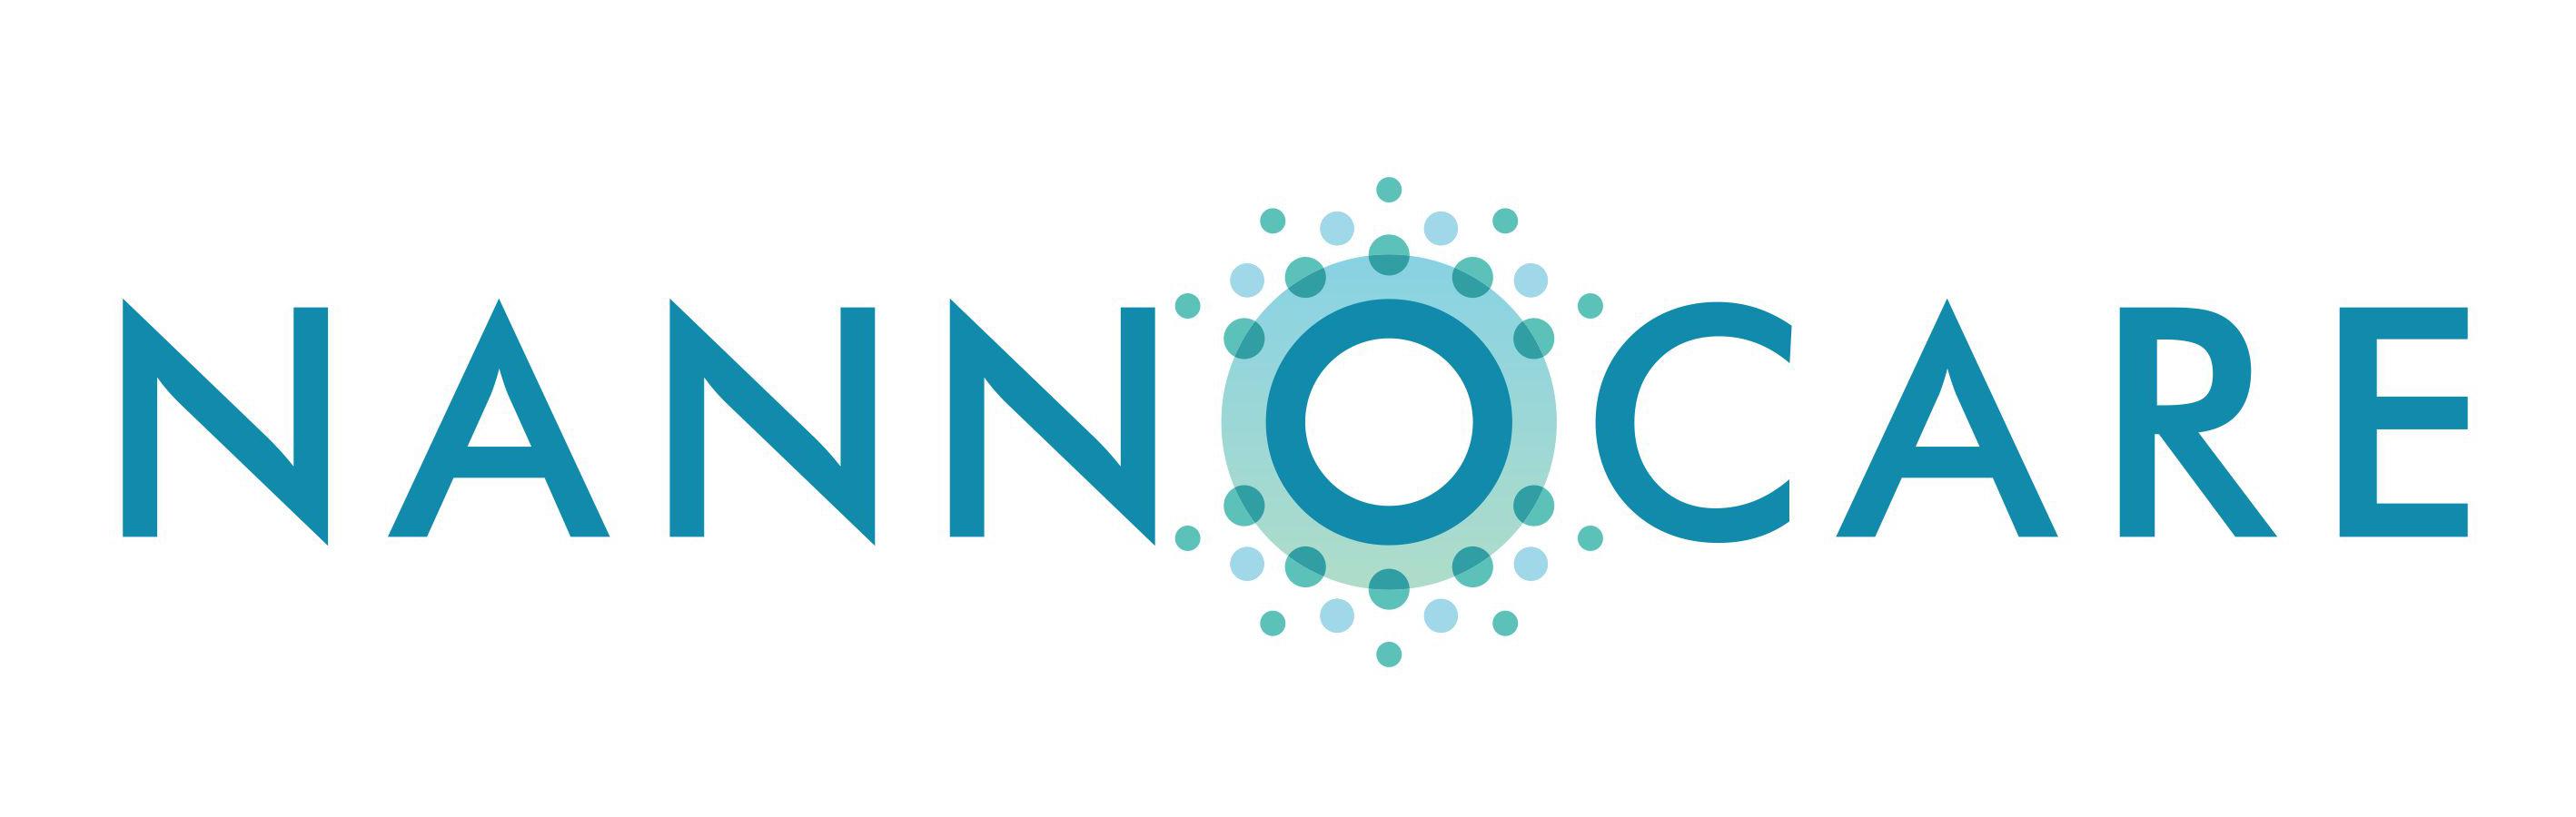 Nannocare Inc